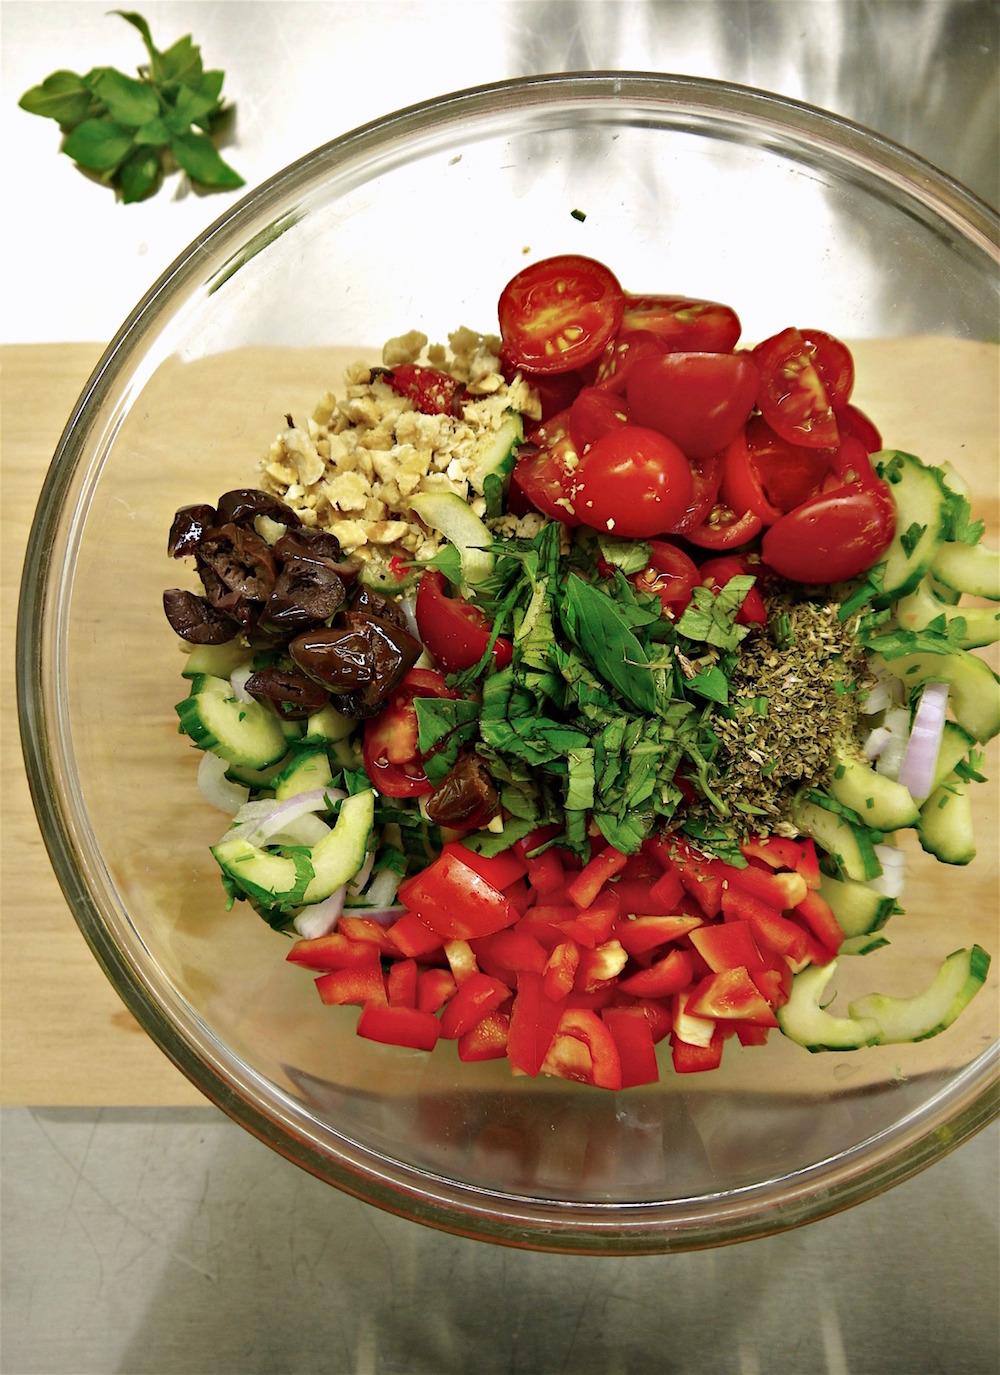 Φρέσκα ωμά λαχανικά για μακαρονοσαλάτα